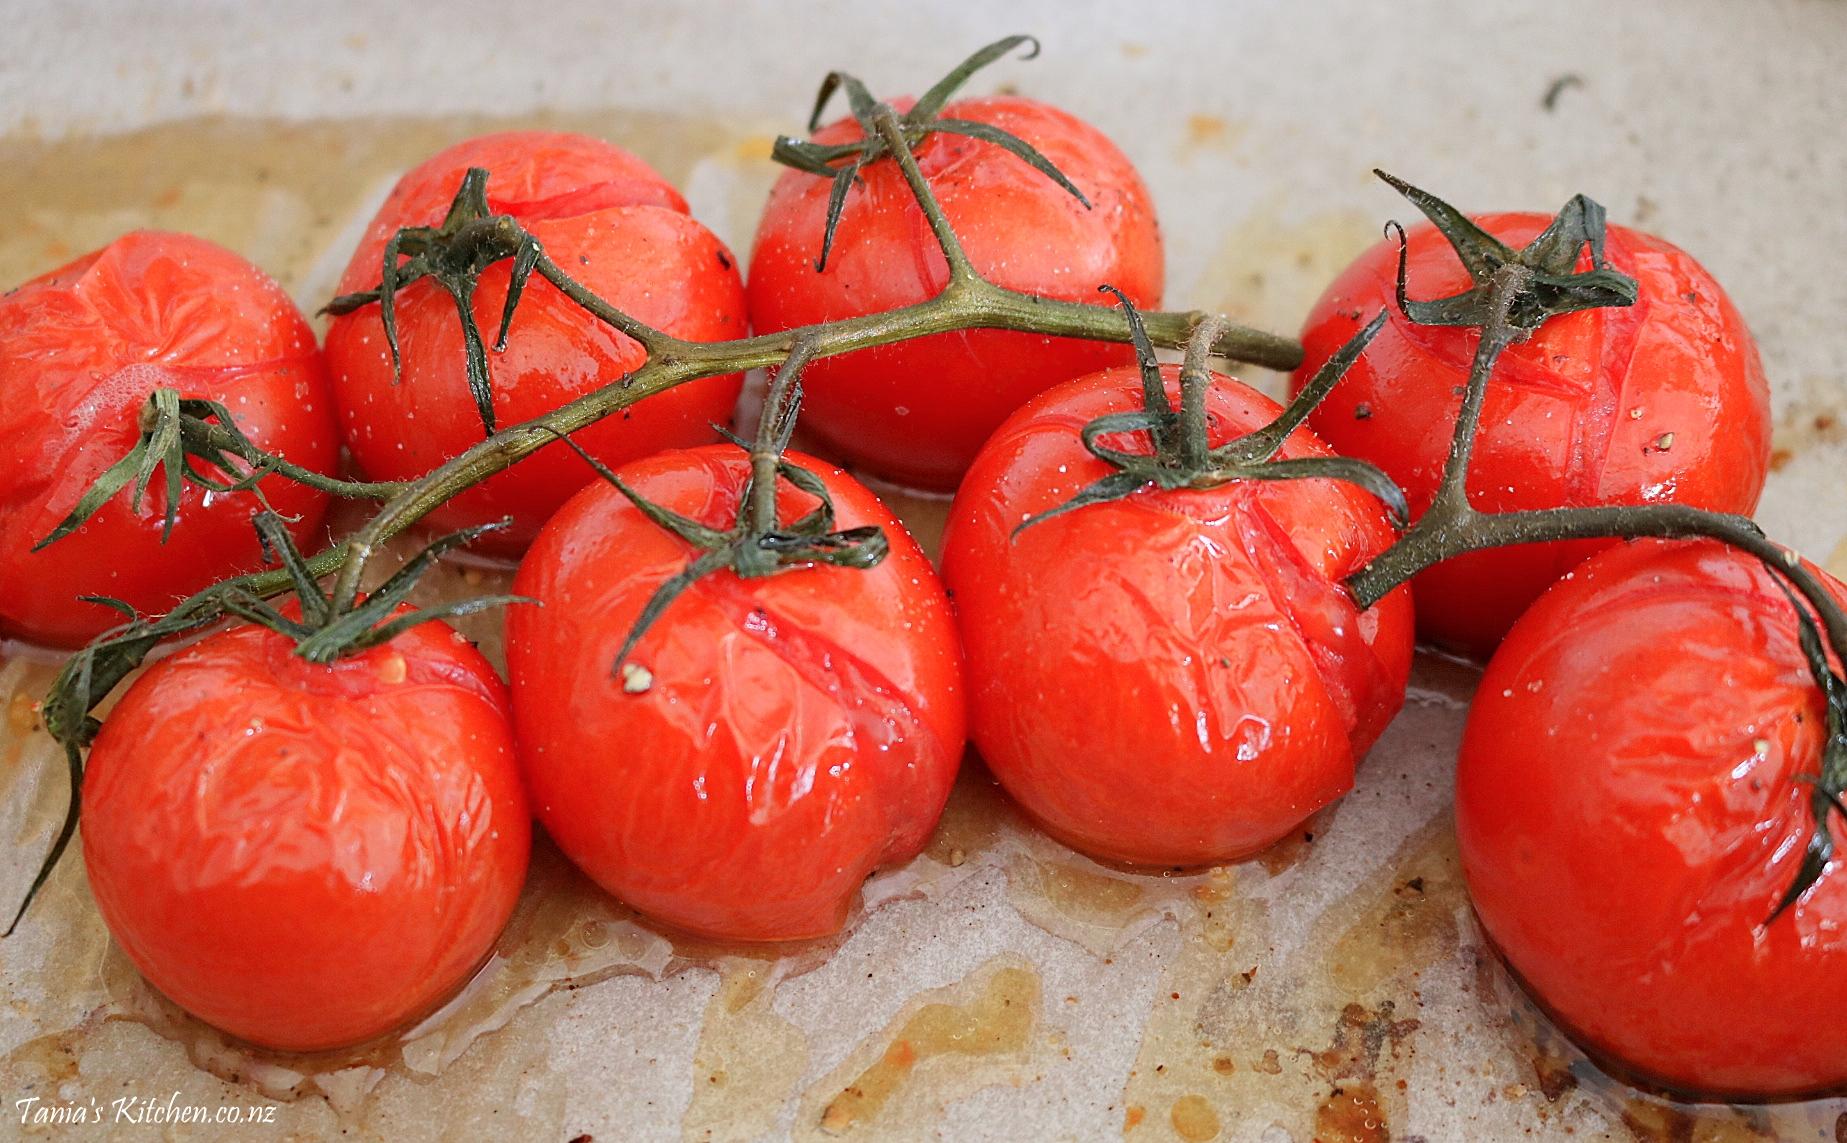 Roasted Vine-Ripened Tomatoes